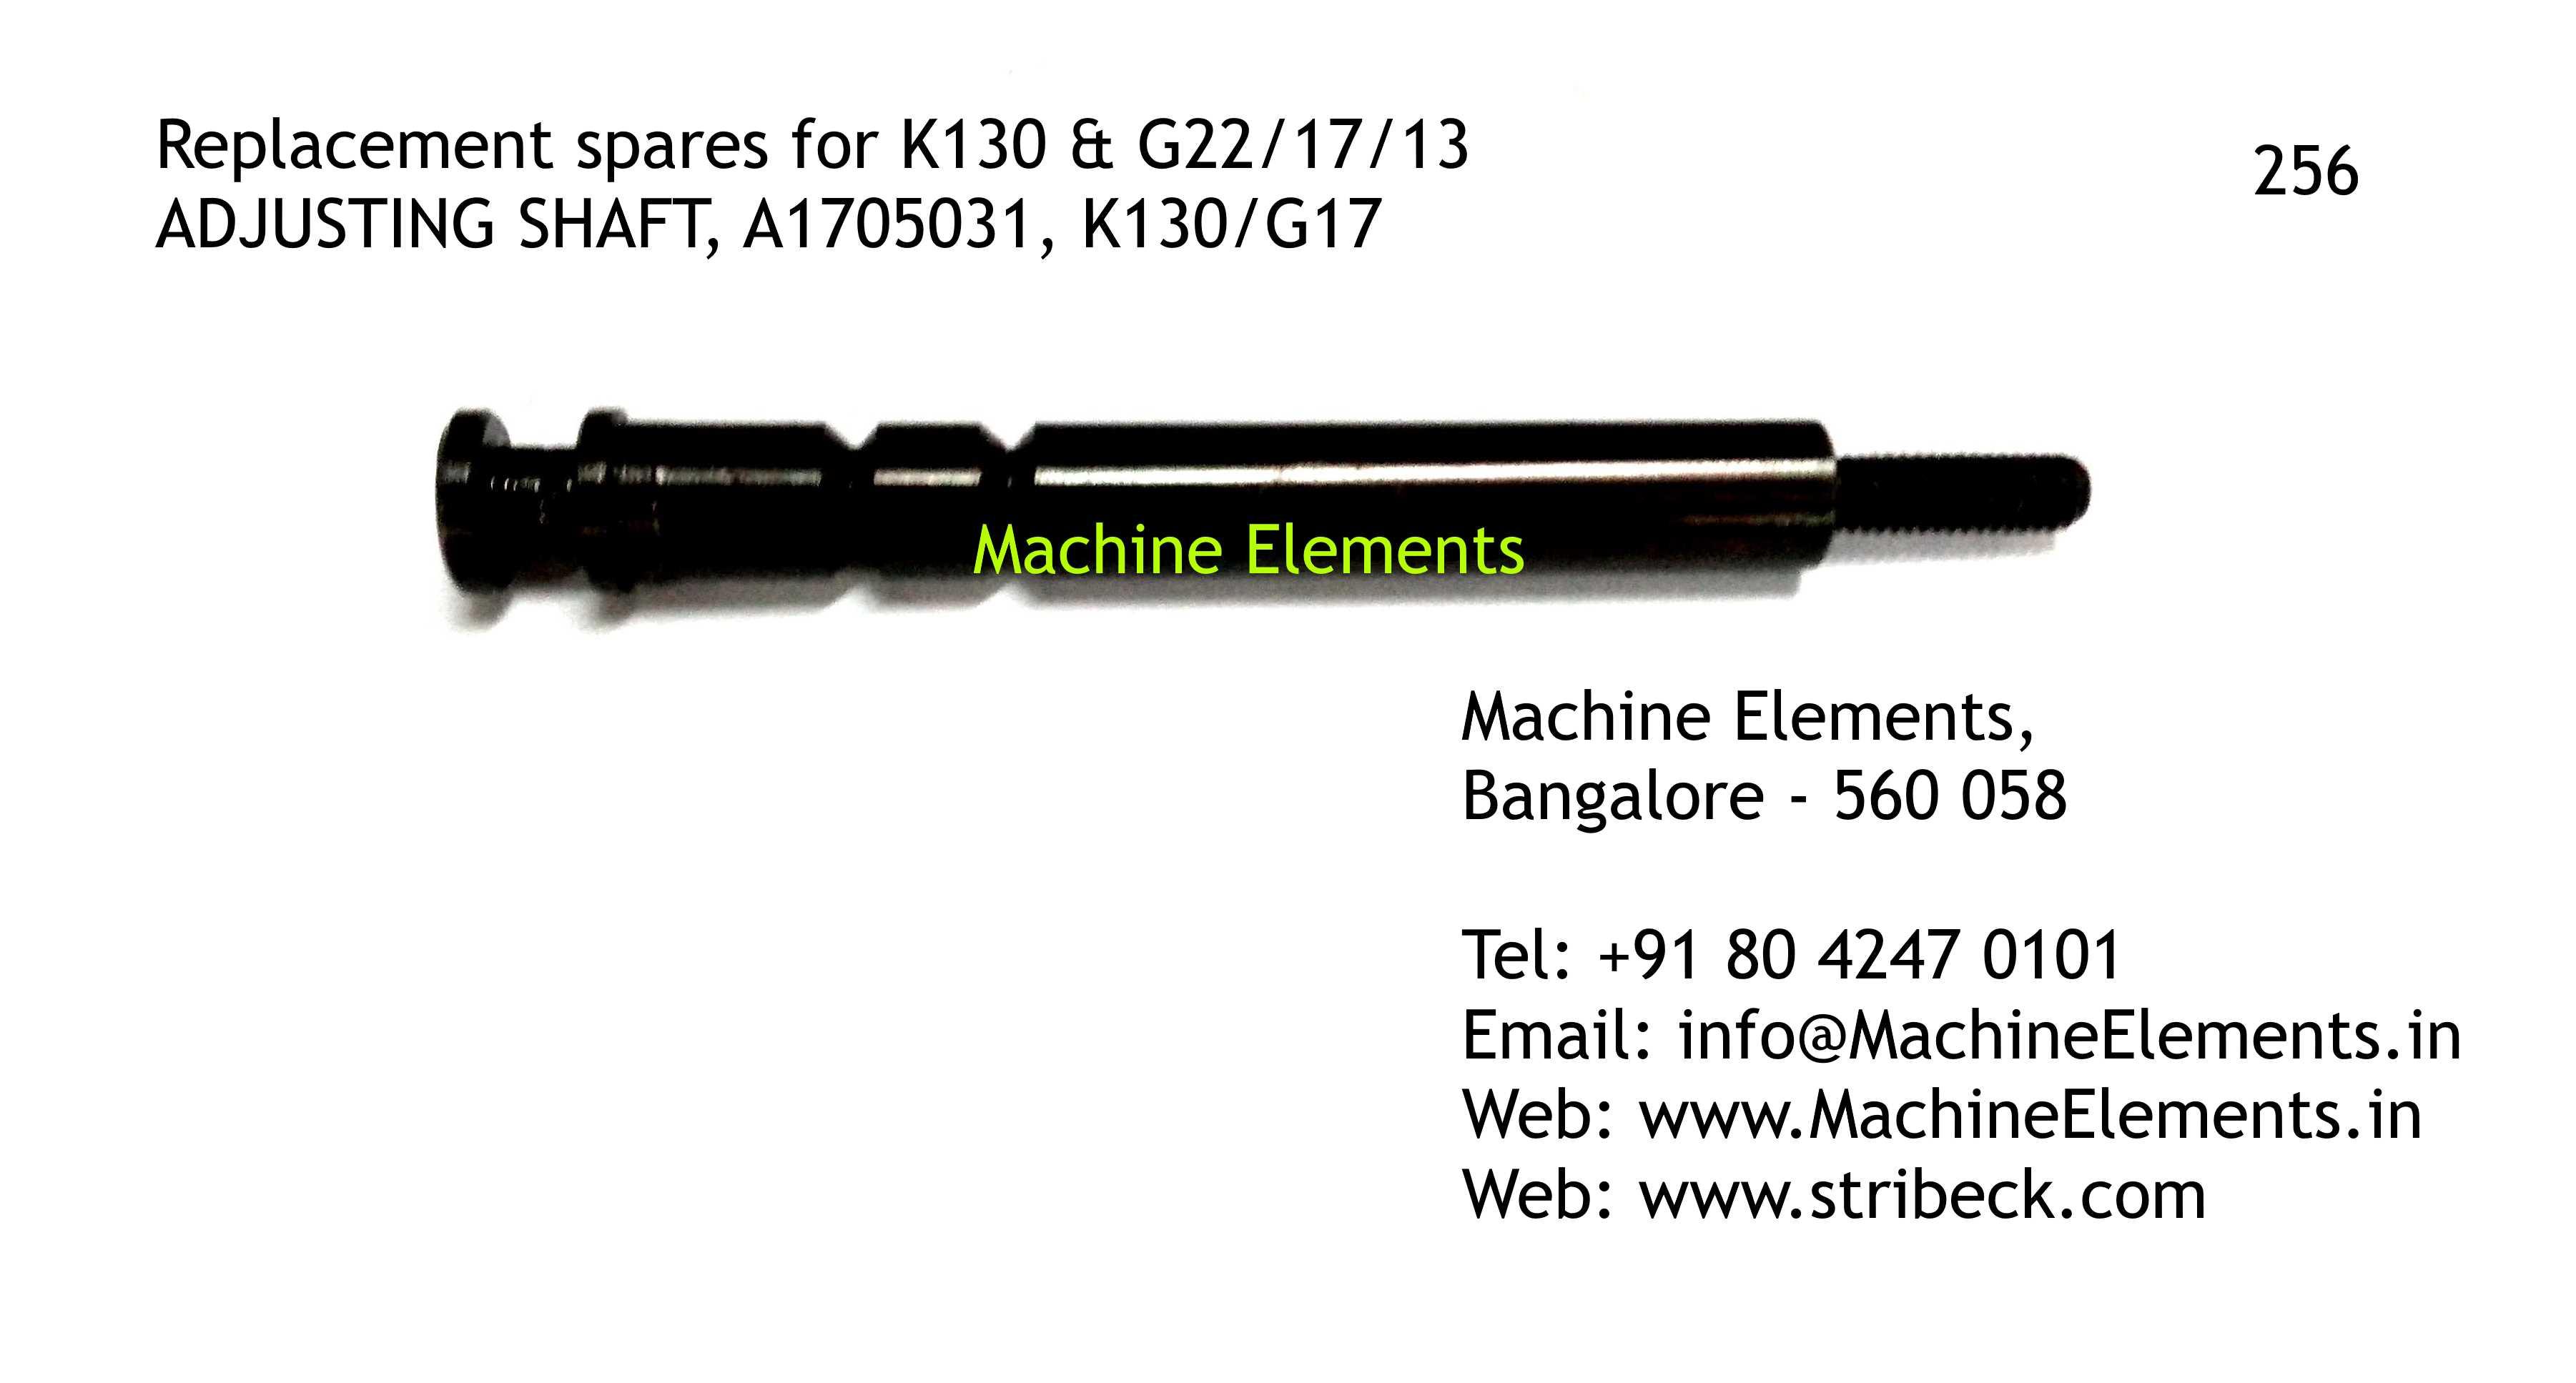 ADJUSTING SHAFT, A1705031